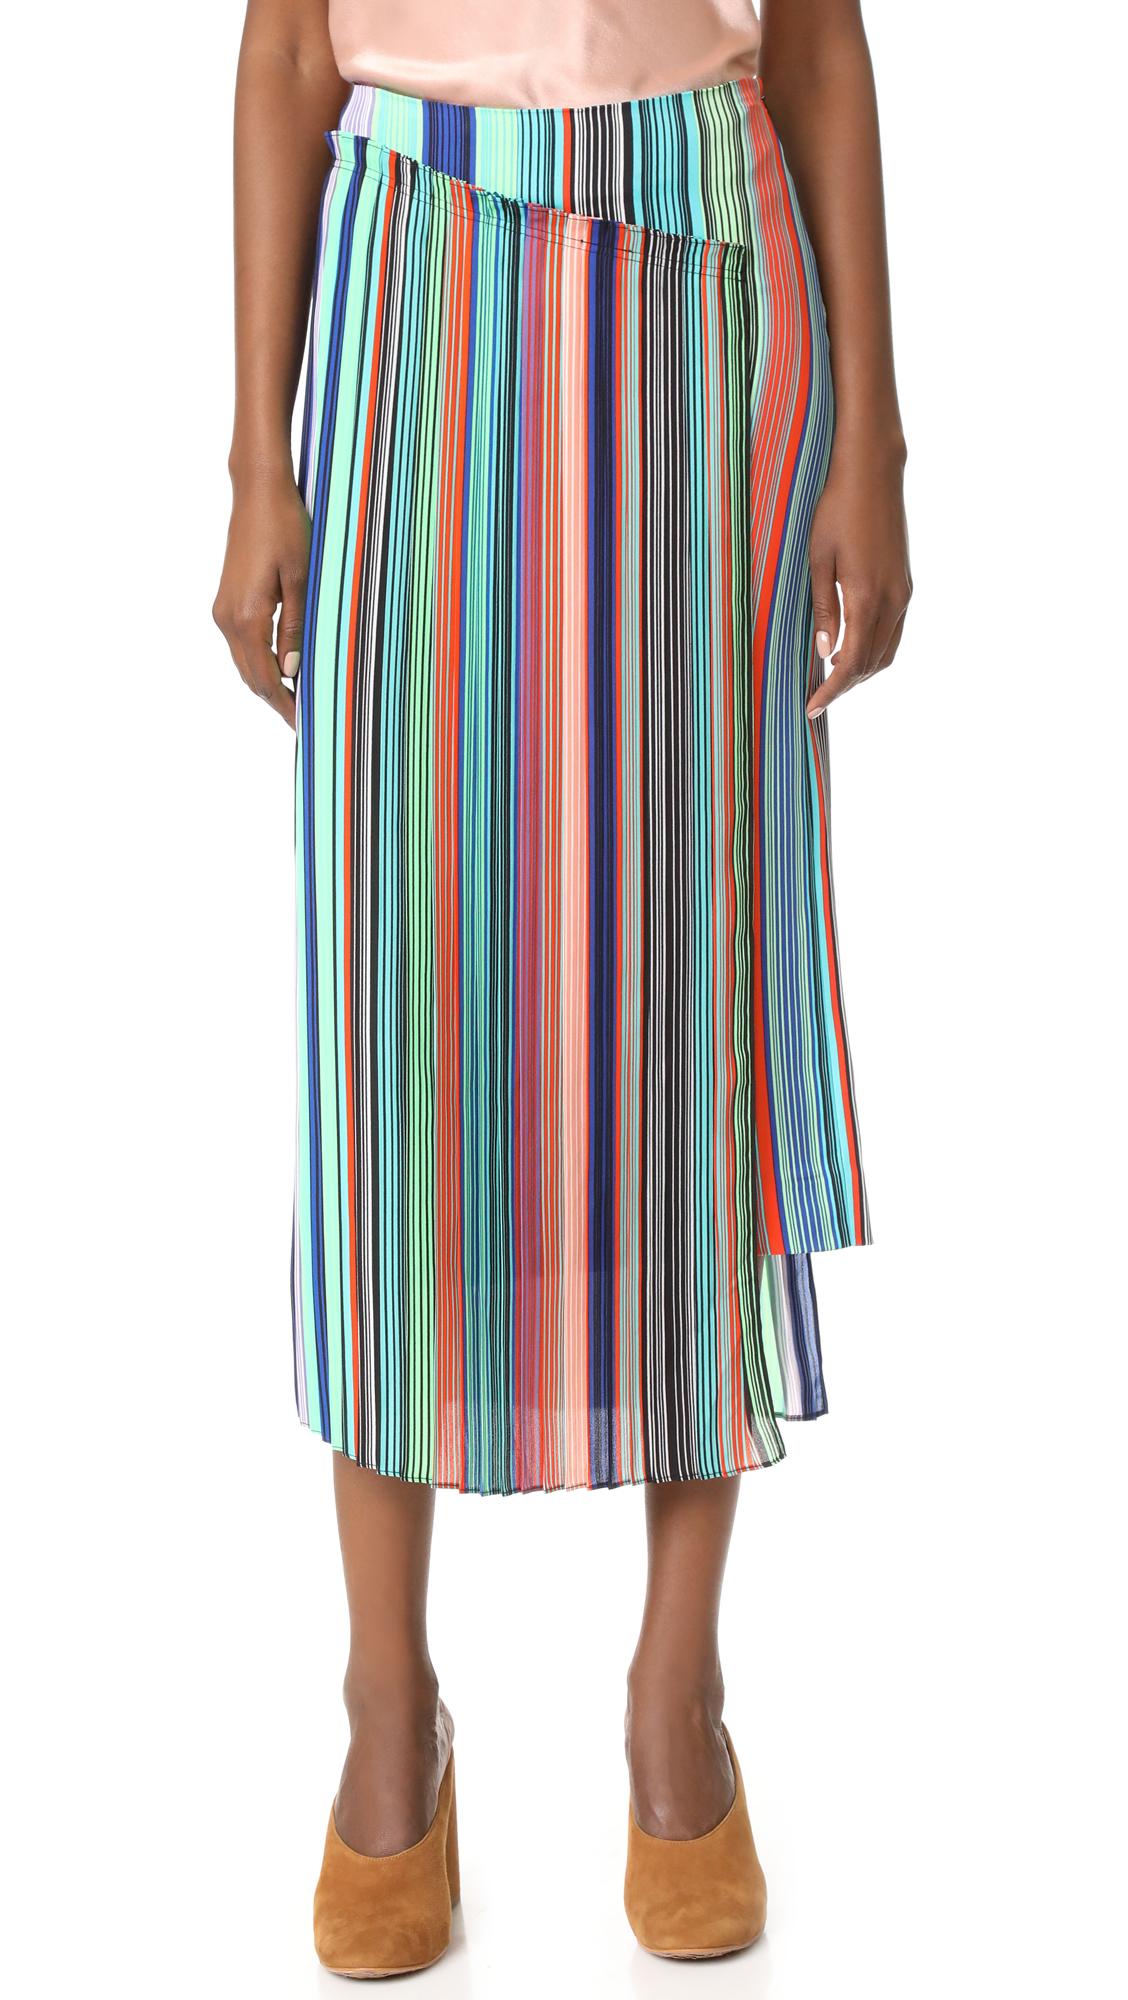 Diane von Furstenberg Overlay Skirt - Burman Stripe Multi